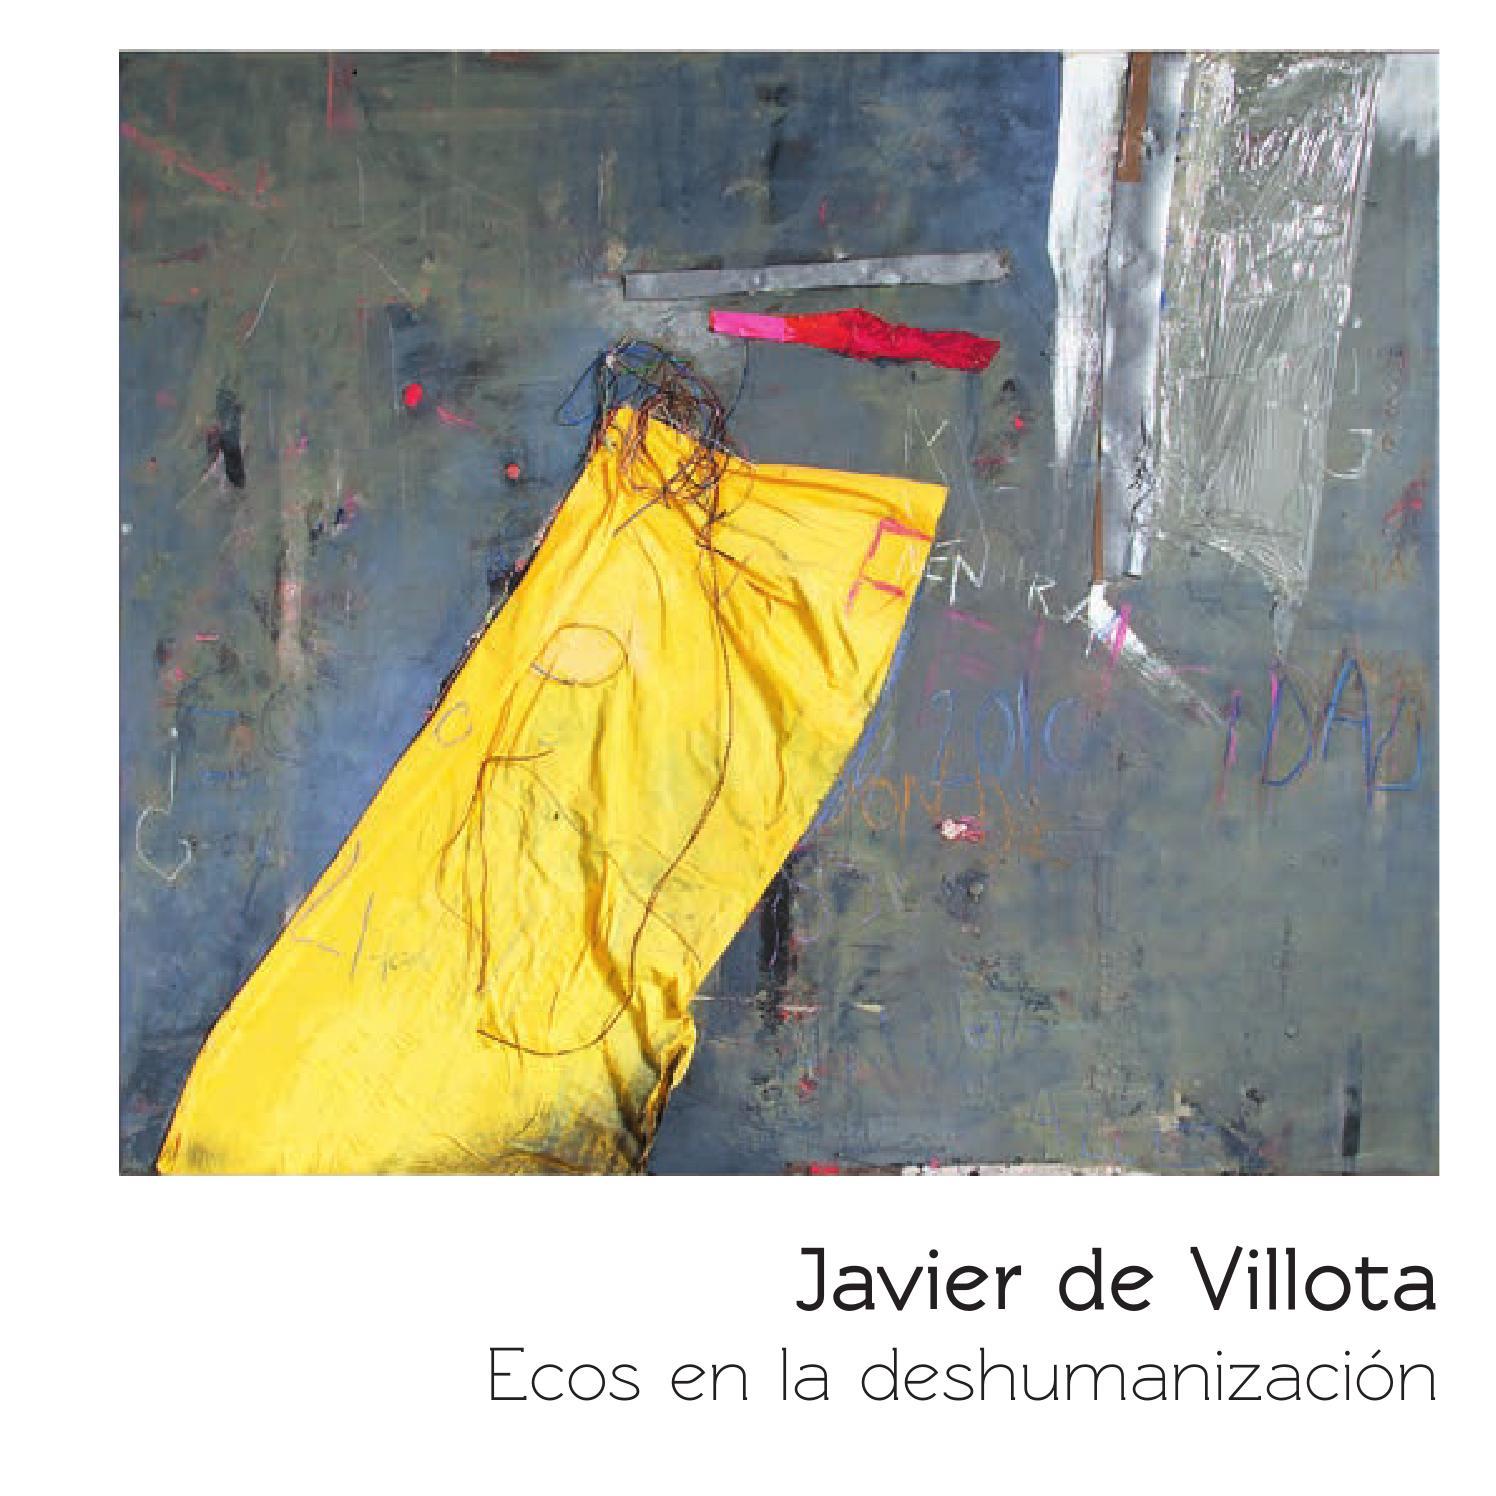 Ecos en la deshumanización. Javier de Villota by Centro de Arte ...